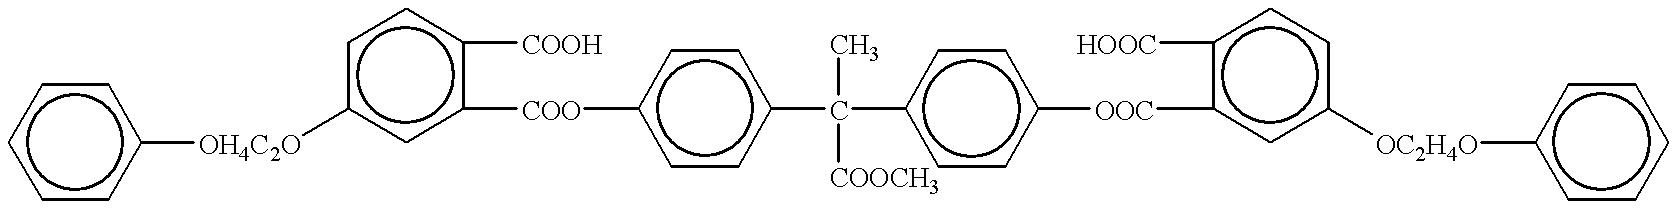 Figure US06180560-20010130-C00209